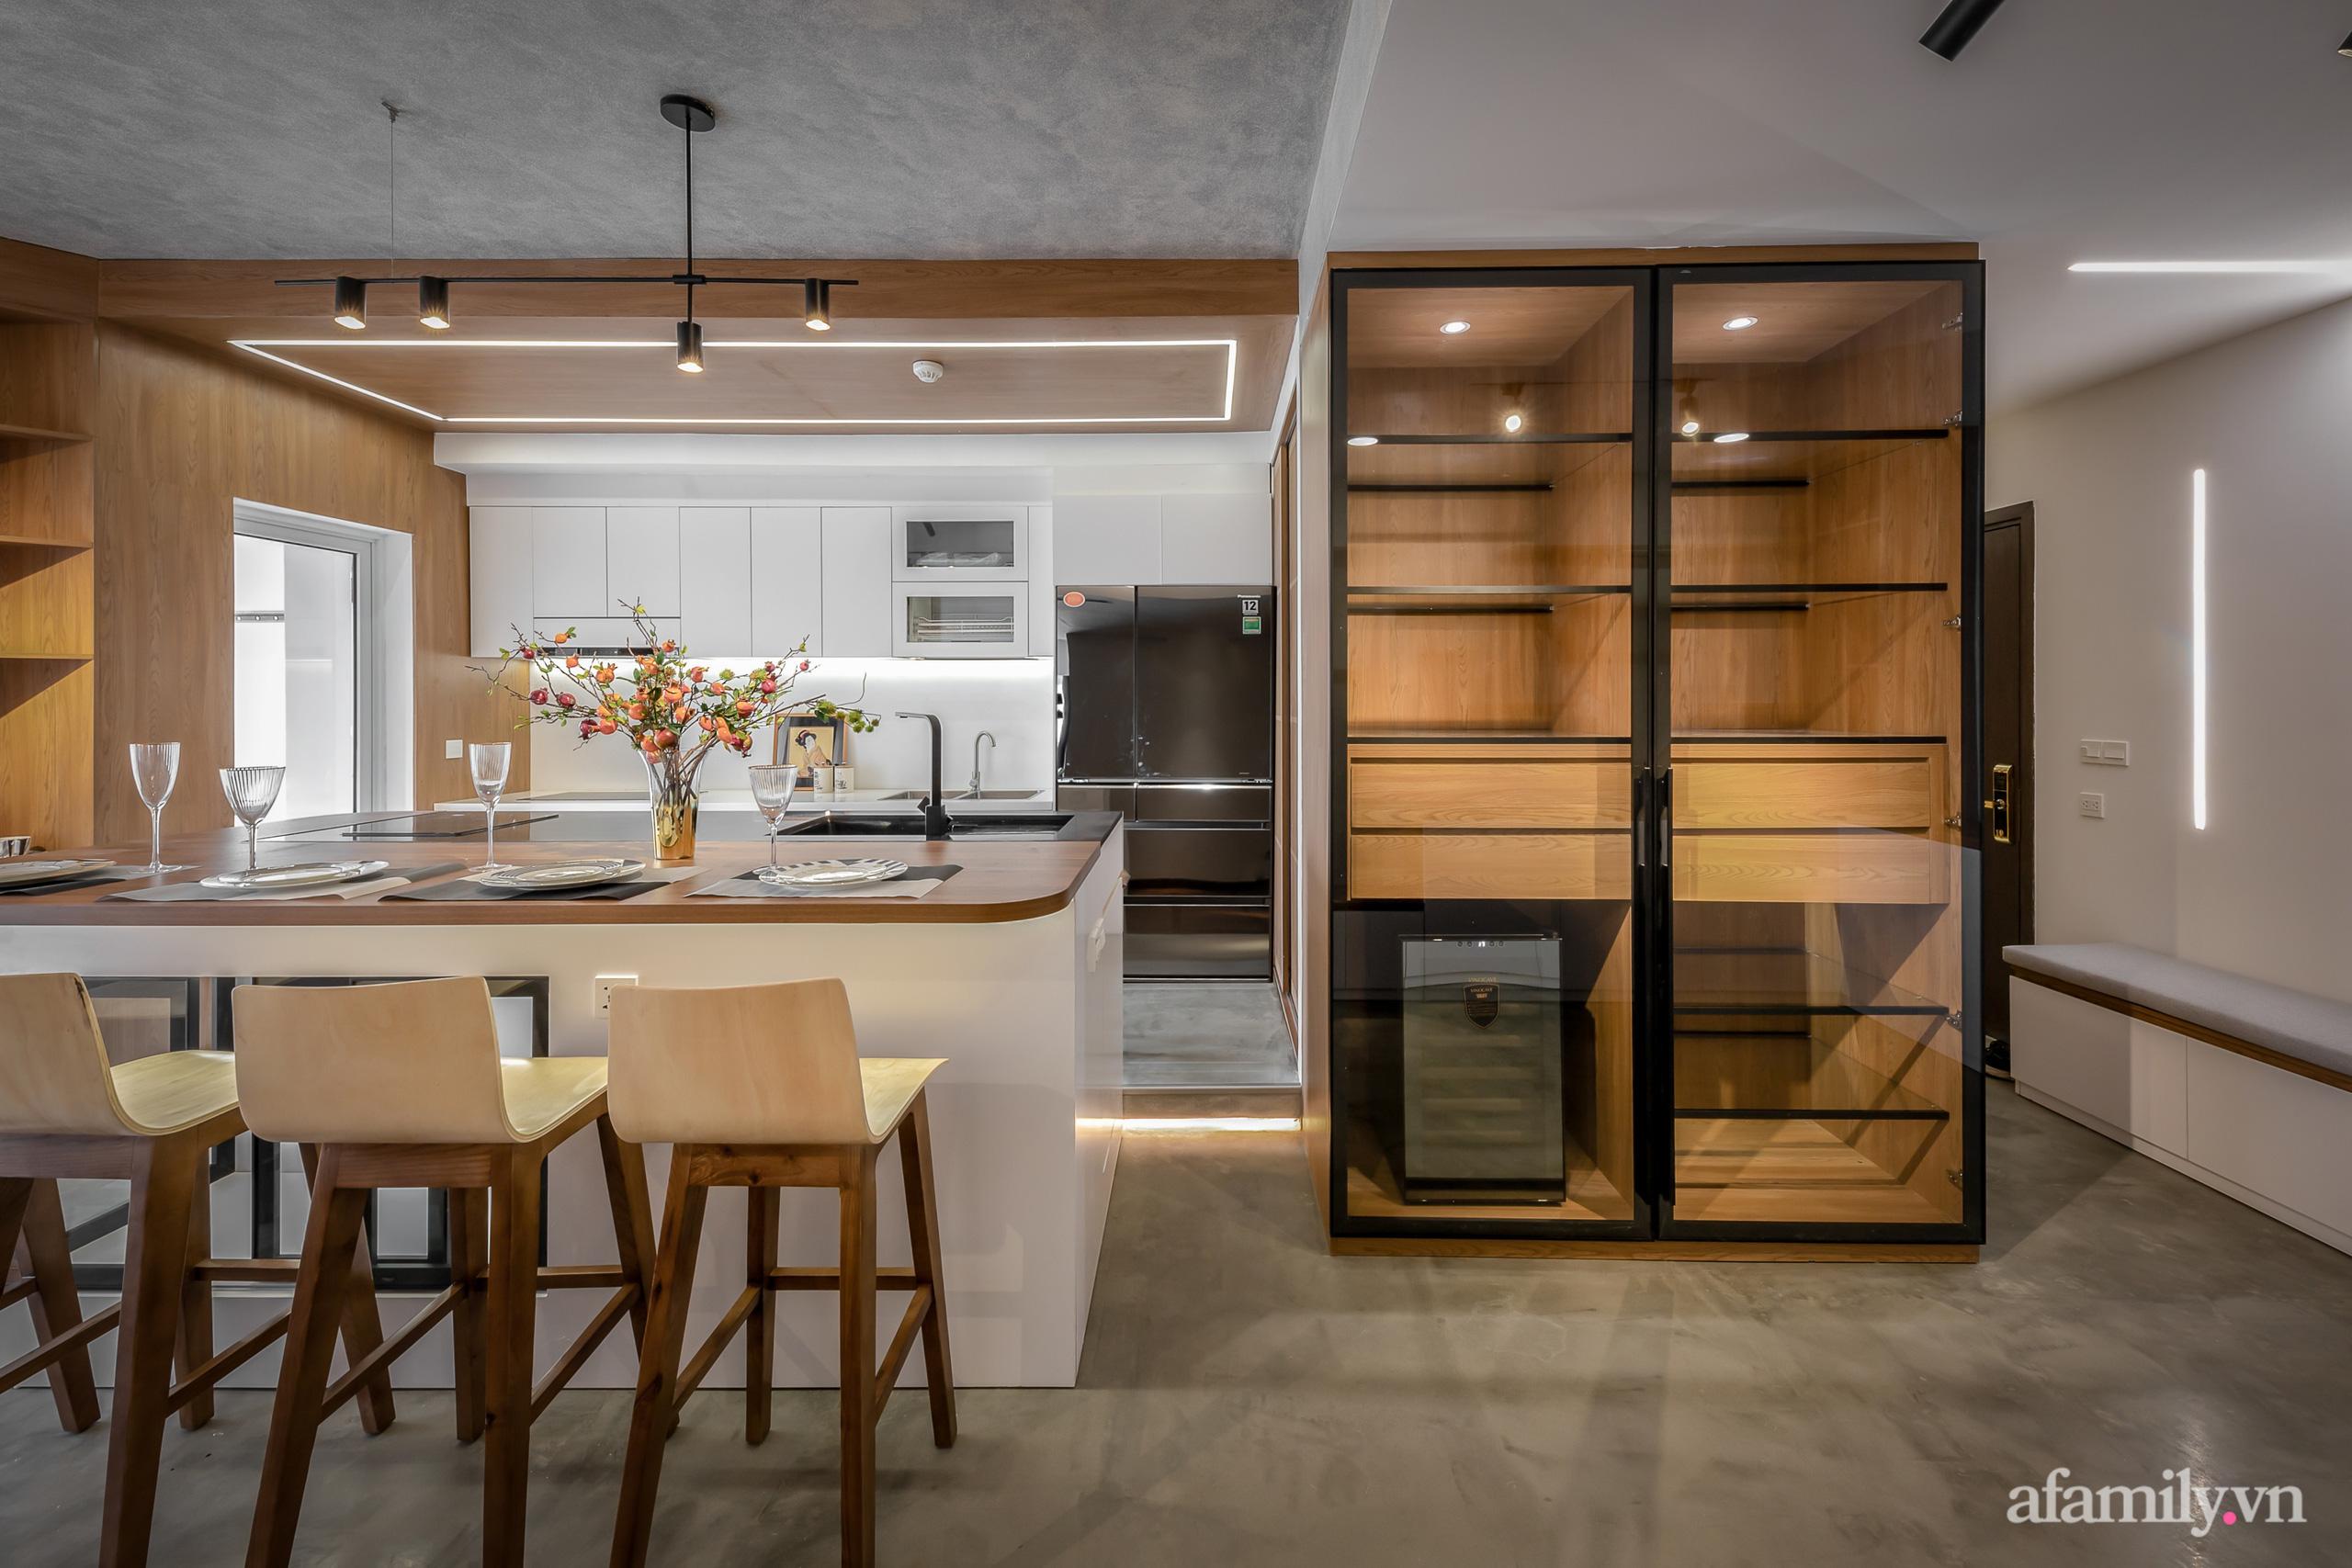 Căn hộ 106m² đẹp cá tính với hiệu ứng bê tông cùng phong cách tối giản có chi phí hoàn thiện 950 triệu đồng ở Sài Gòn - Ảnh 9.